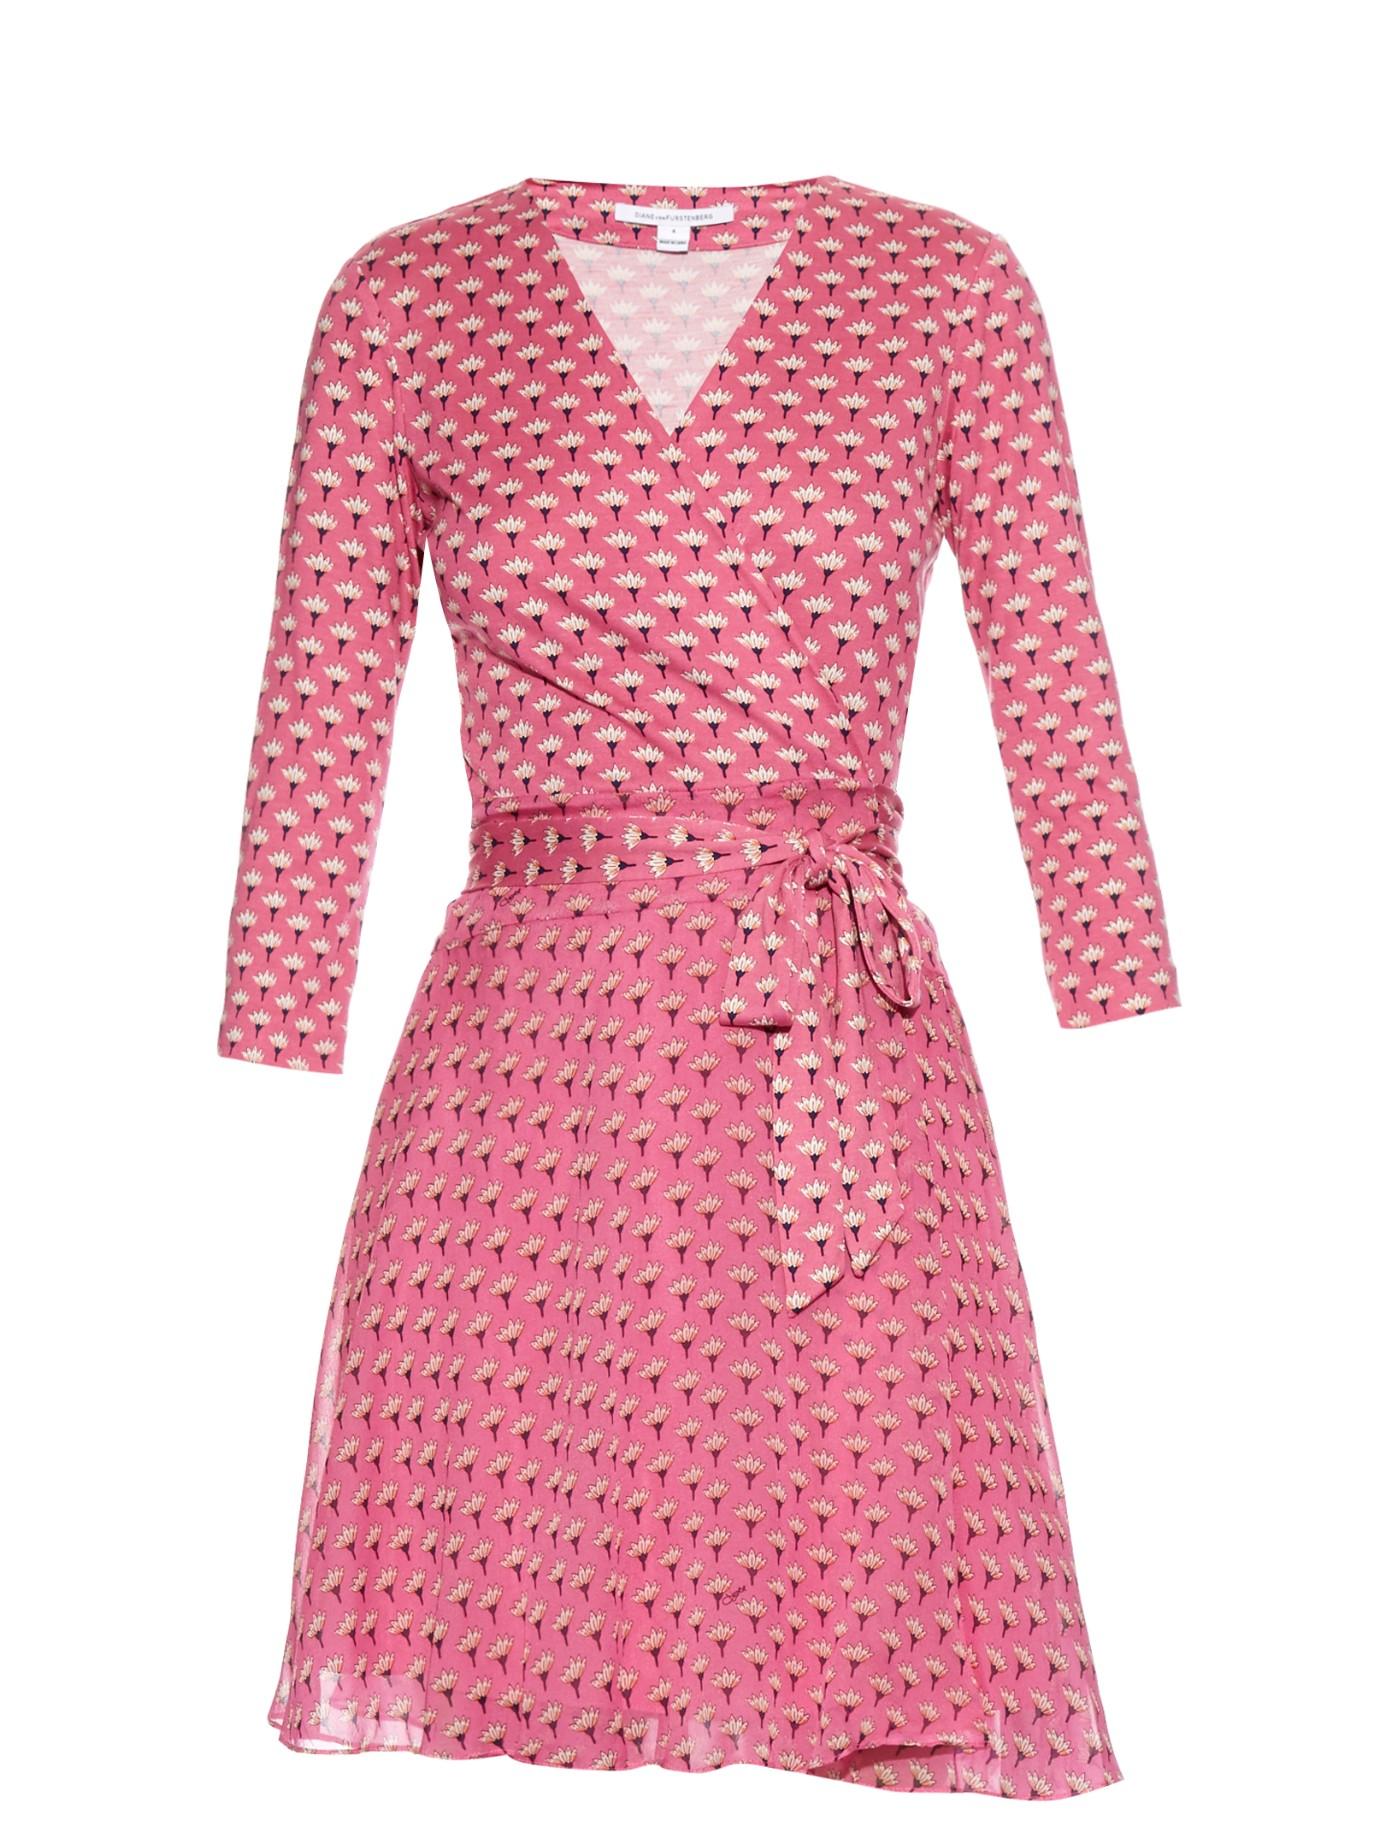 Diane von furstenberg Irina Dress in Pink - Lyst